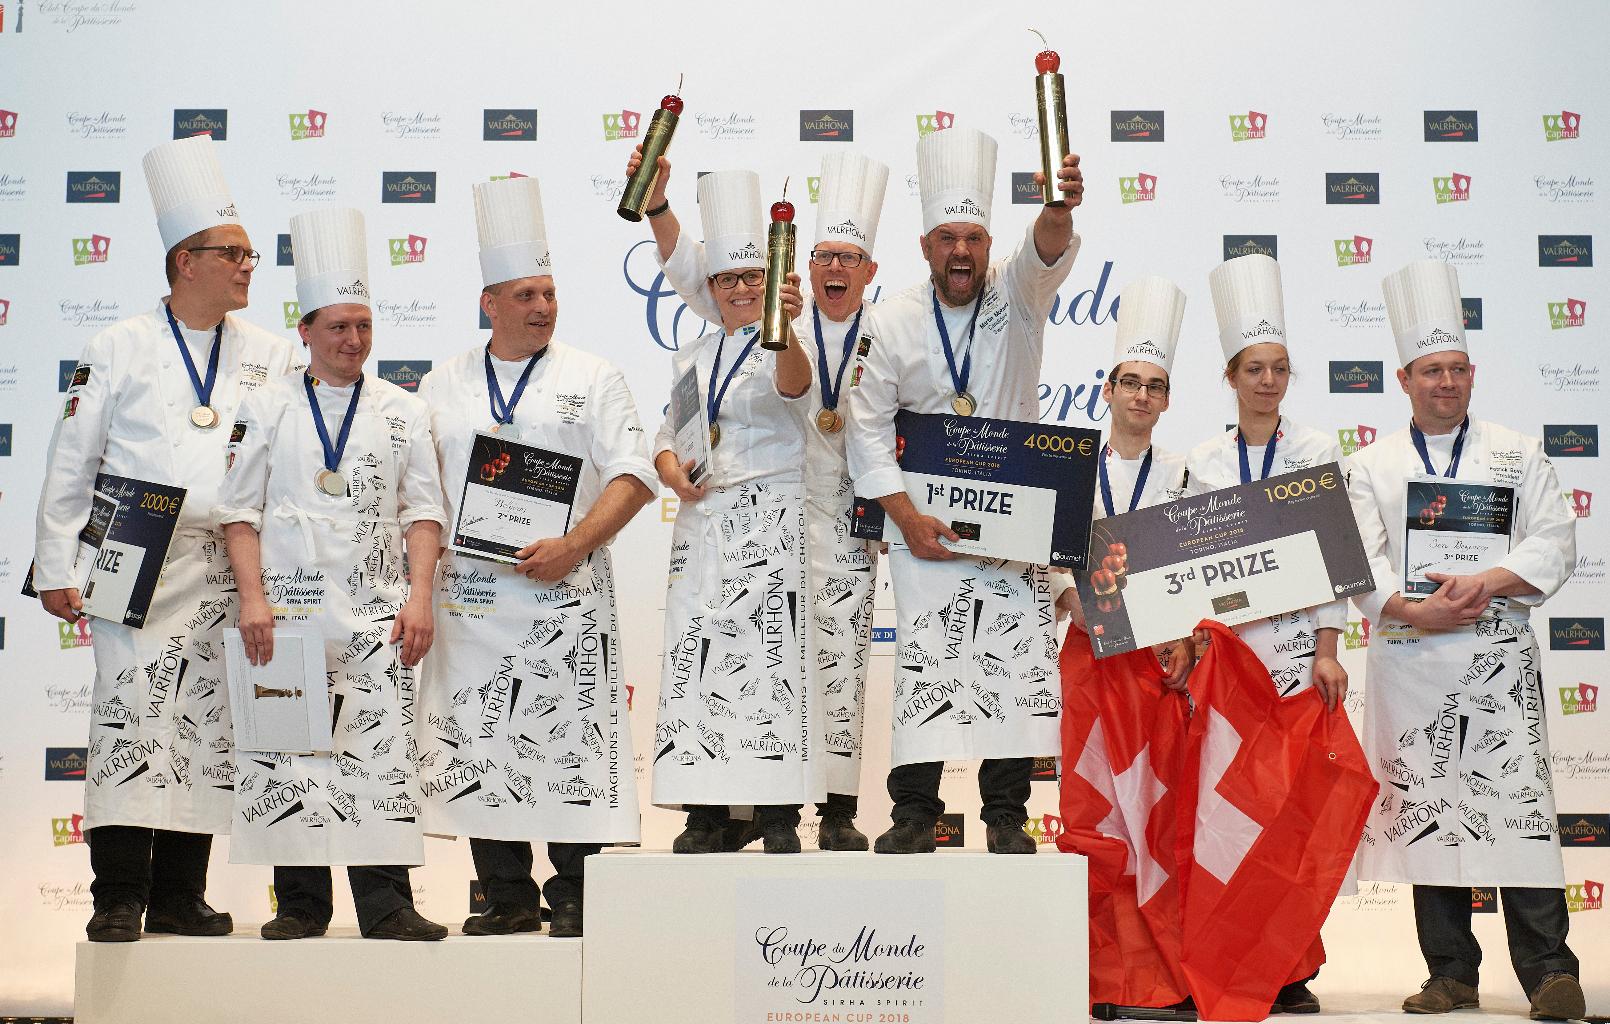 Coppa del mondo pasticceria premiazione